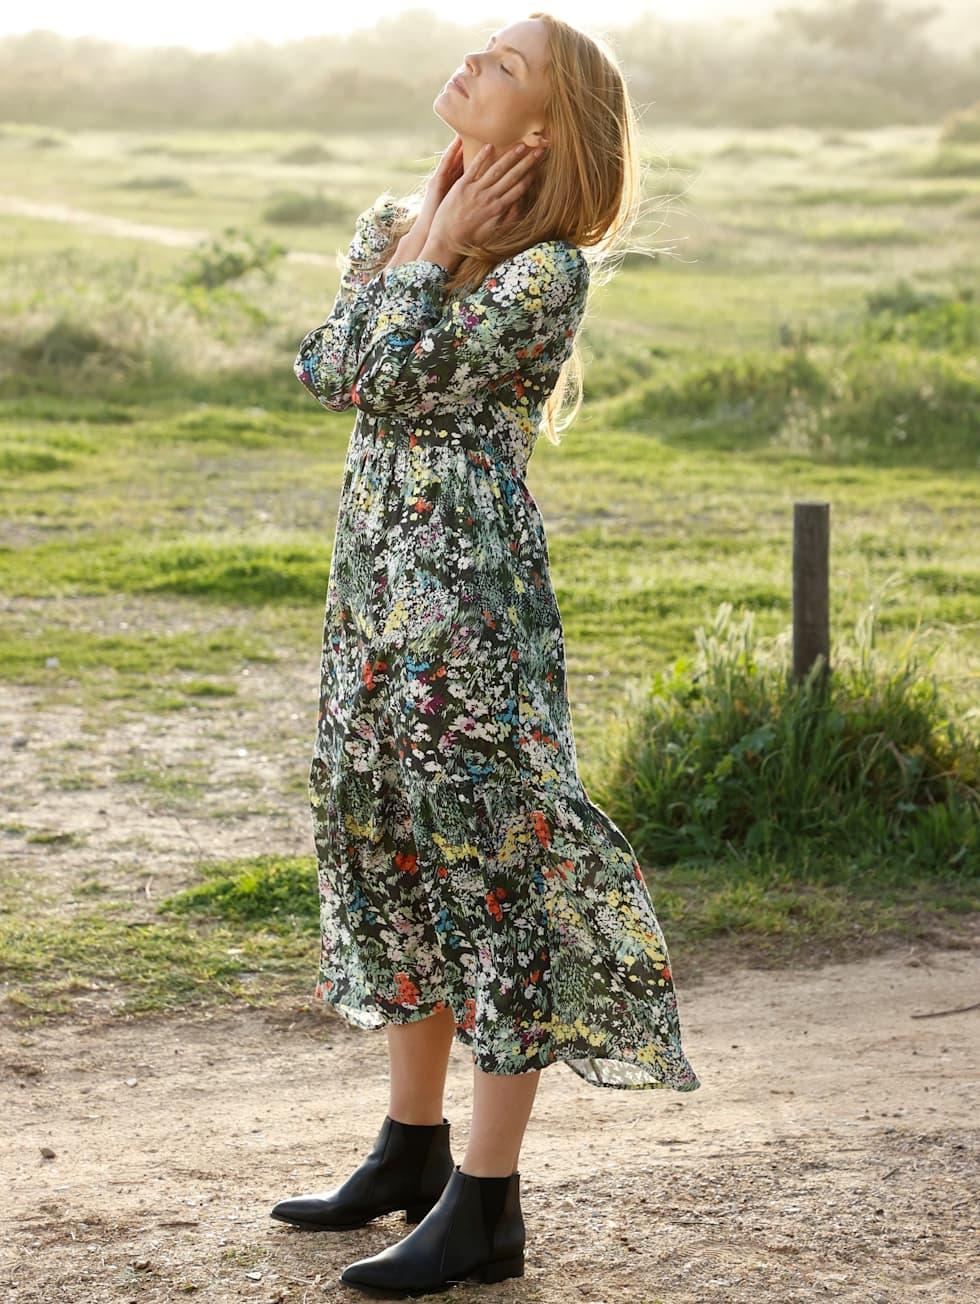 Outfits - FAVORIET GECOMBINEERD VOOR ZONNIGE HERFSTDAGEN